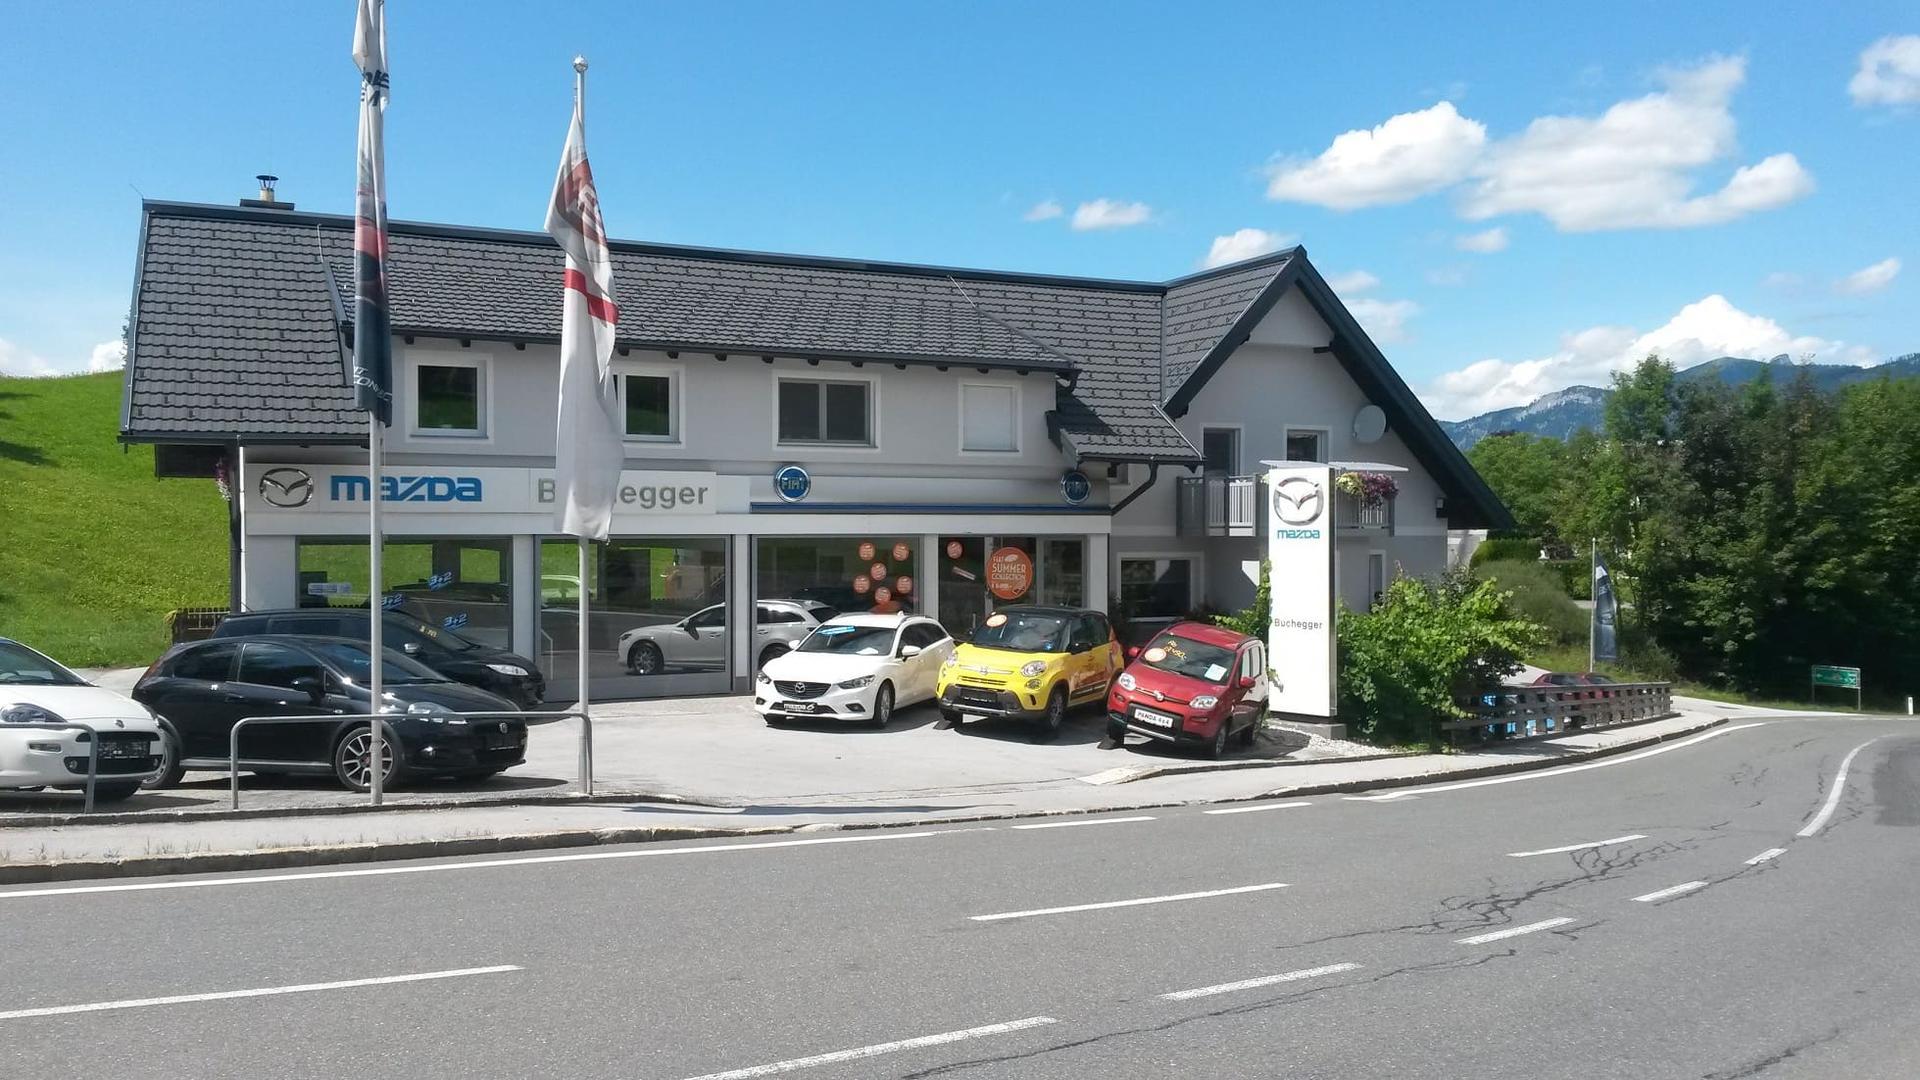 Autohaus Buchegger Vertragshändler für Mazda und Fiat sowie Kfz-Meisterbetrieb für alle Marken